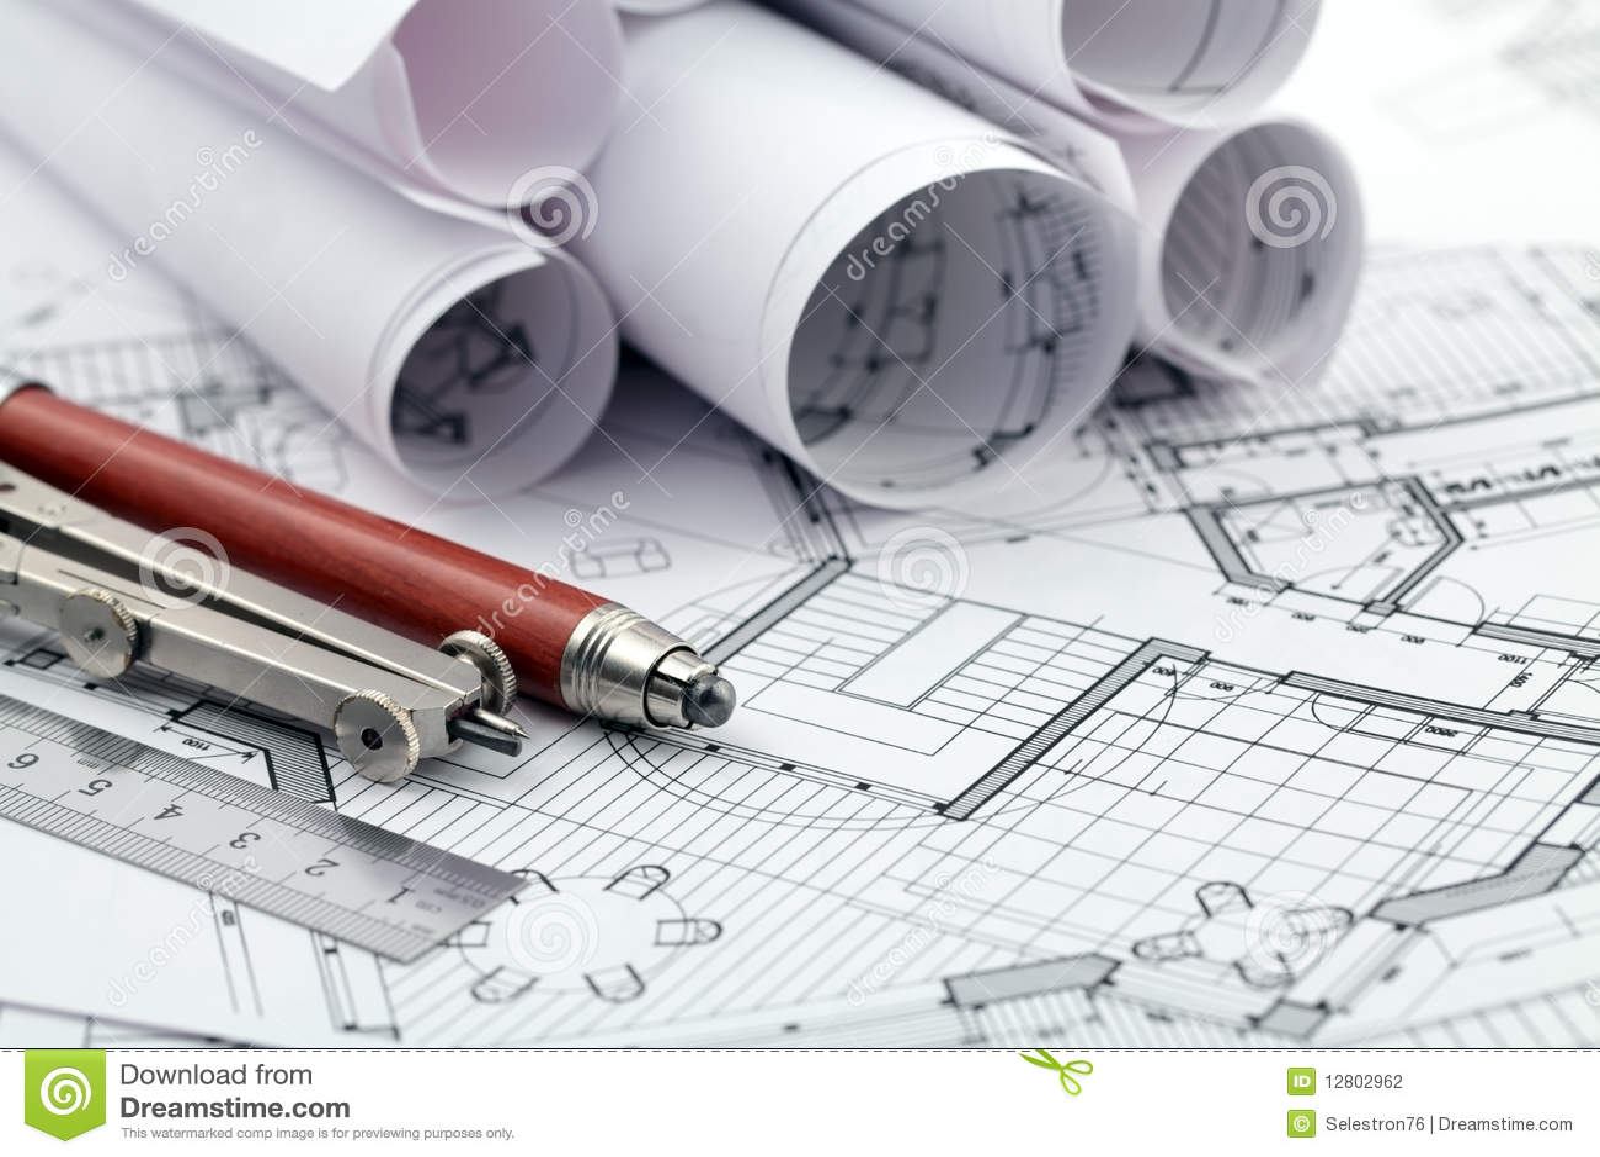 Programma & strumenti di architettura